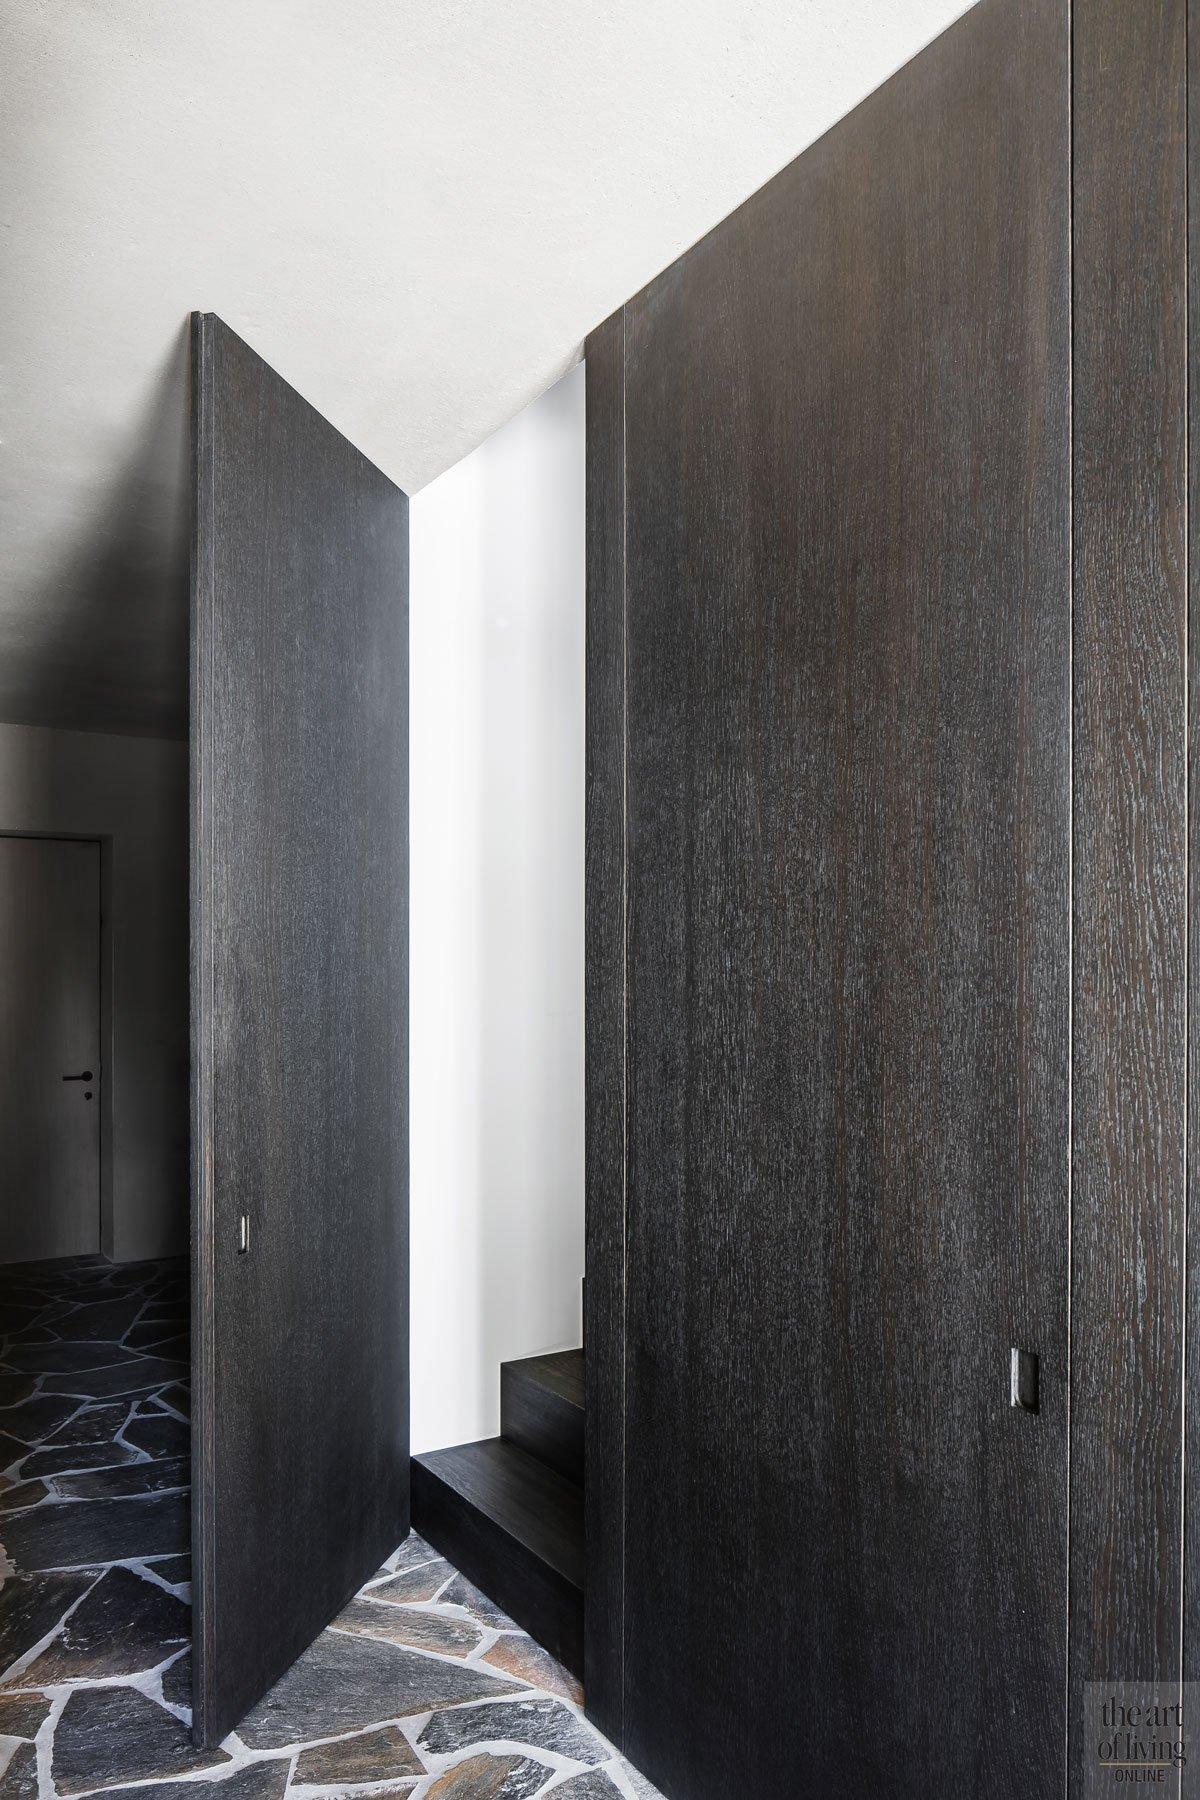 Openwoning, Korrel.Architecten, the art of living